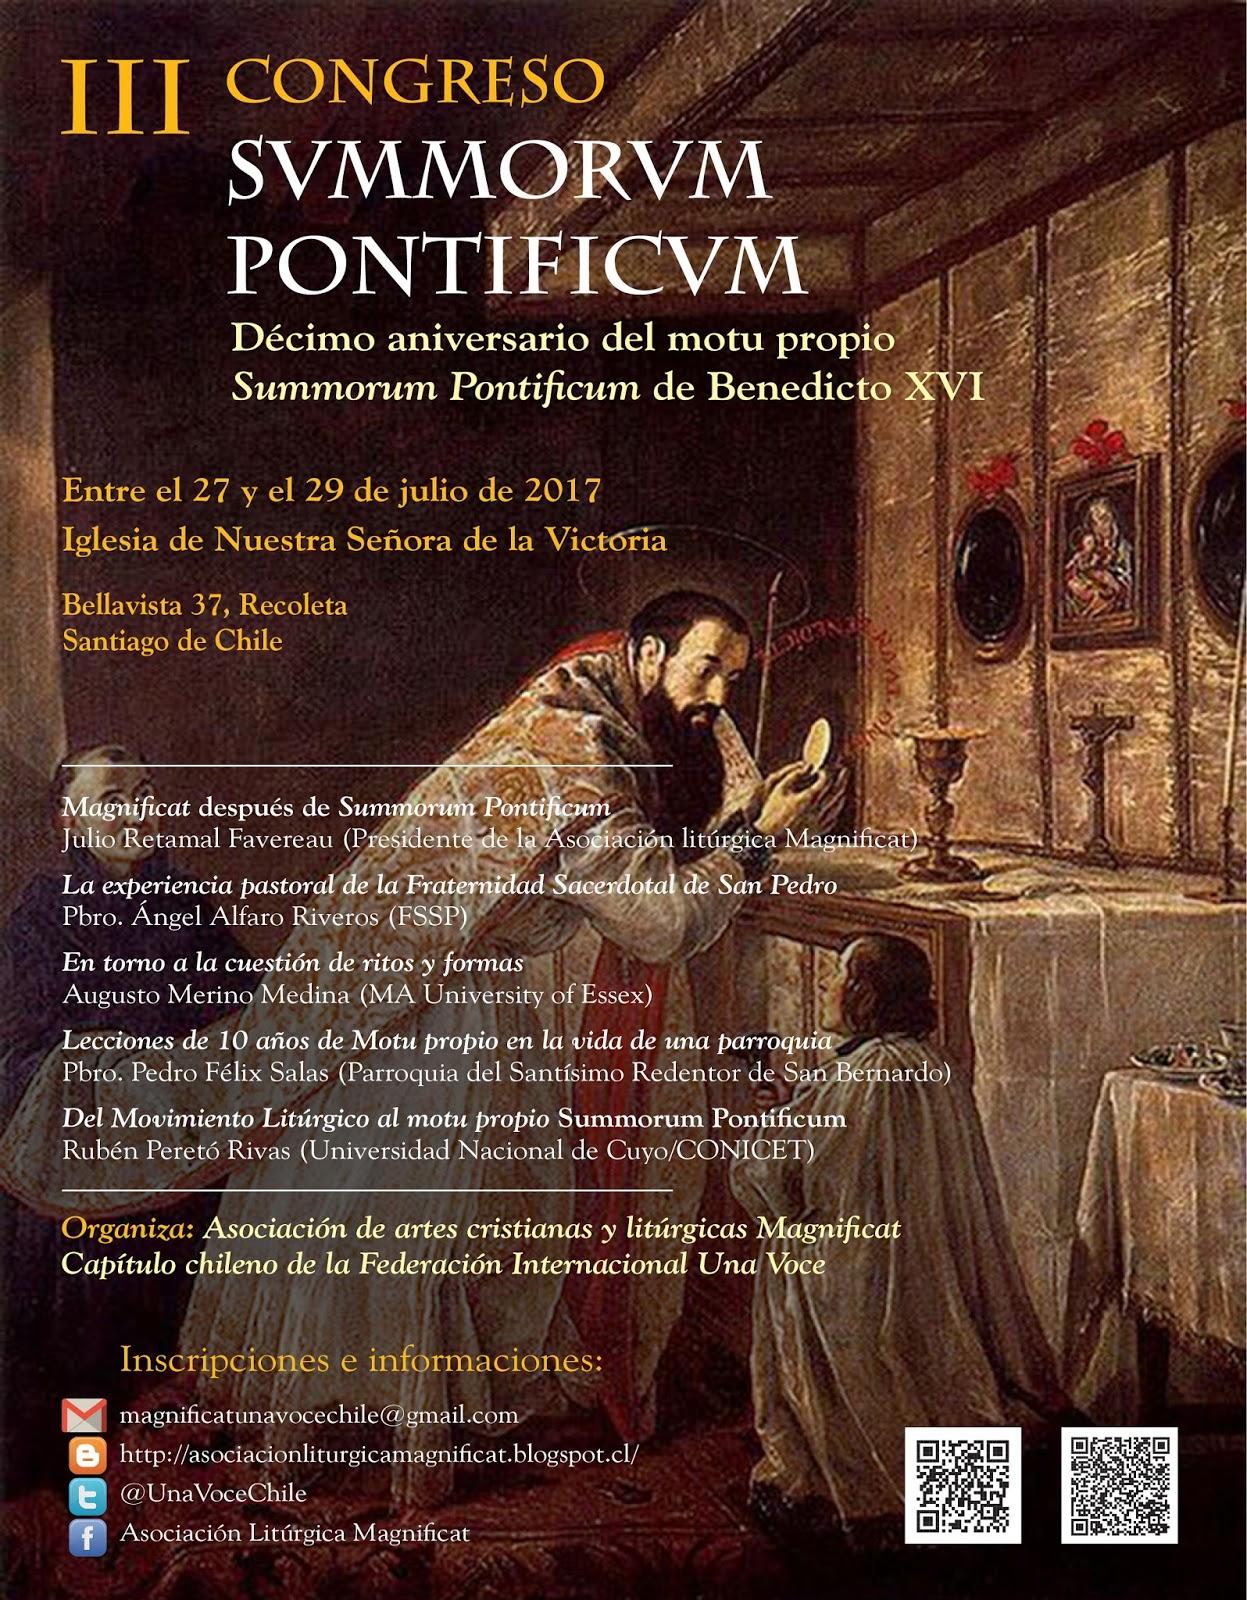 Congreso Summorum Pontificum en Santiago de Chile